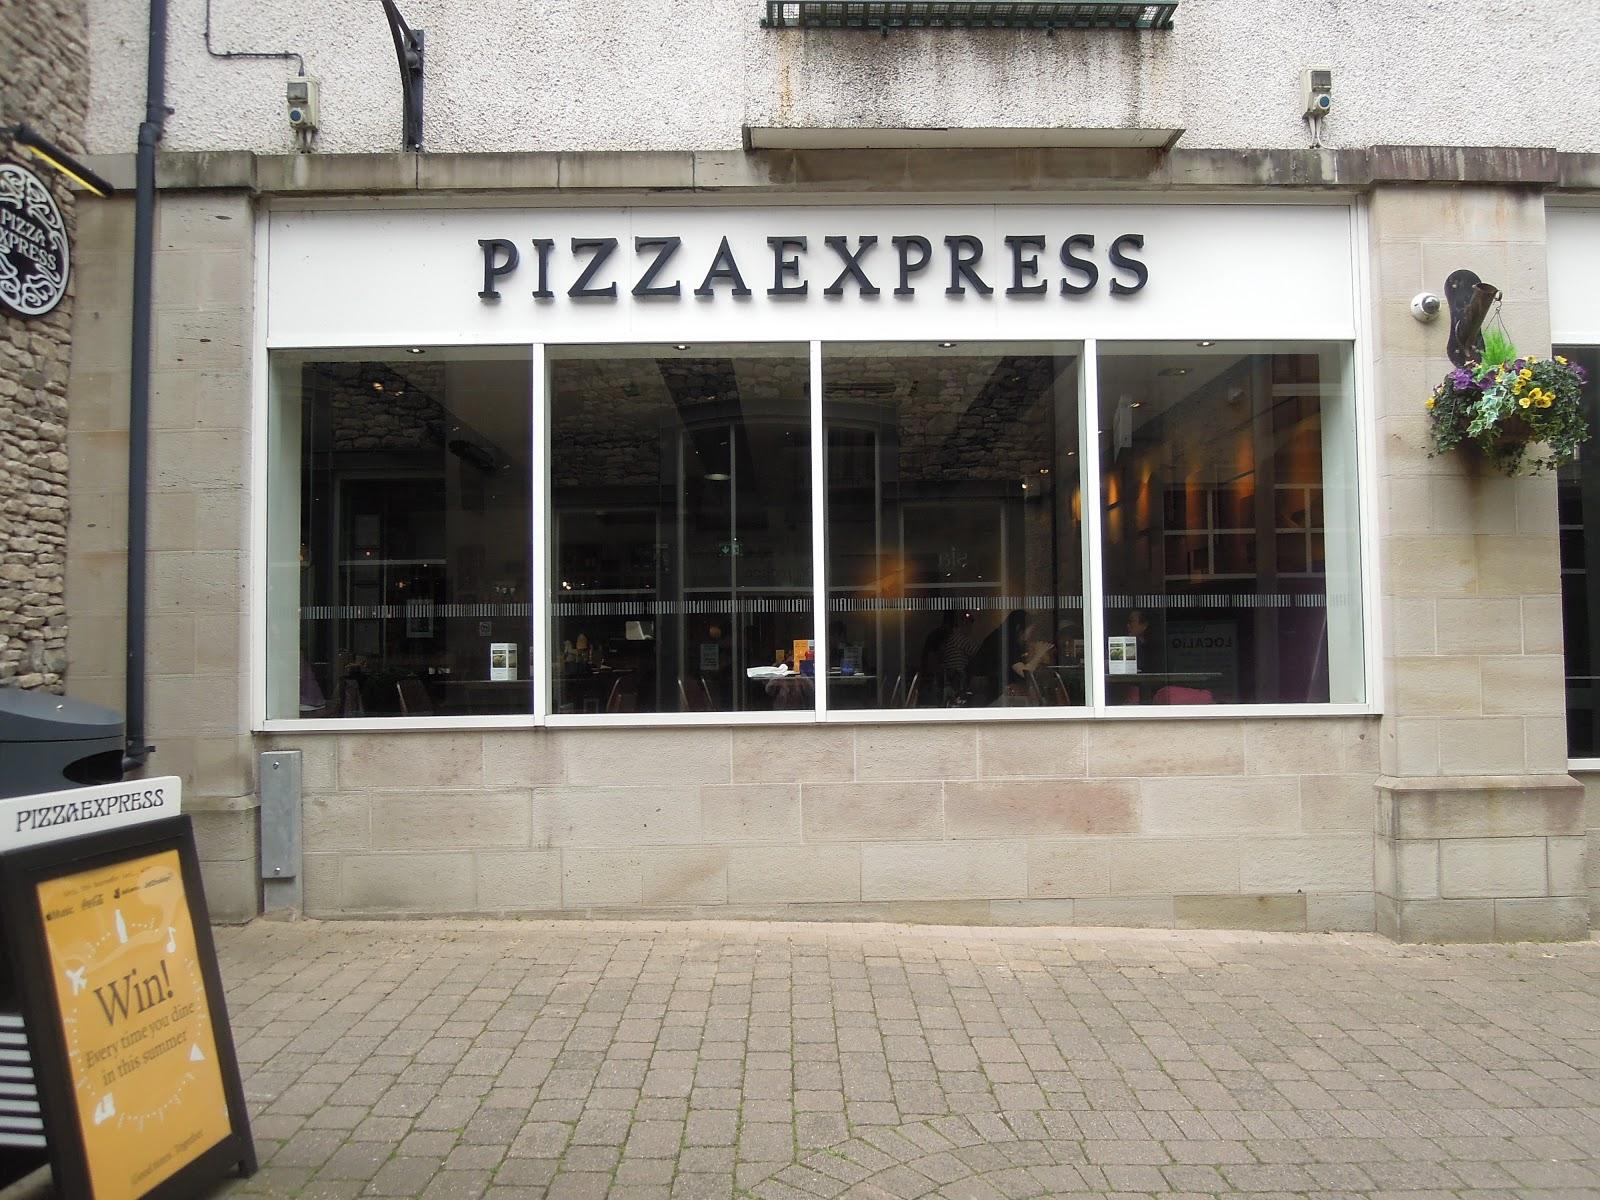 老江雜貨店 英國湖區kendal Pizza Express義式料理美味保證